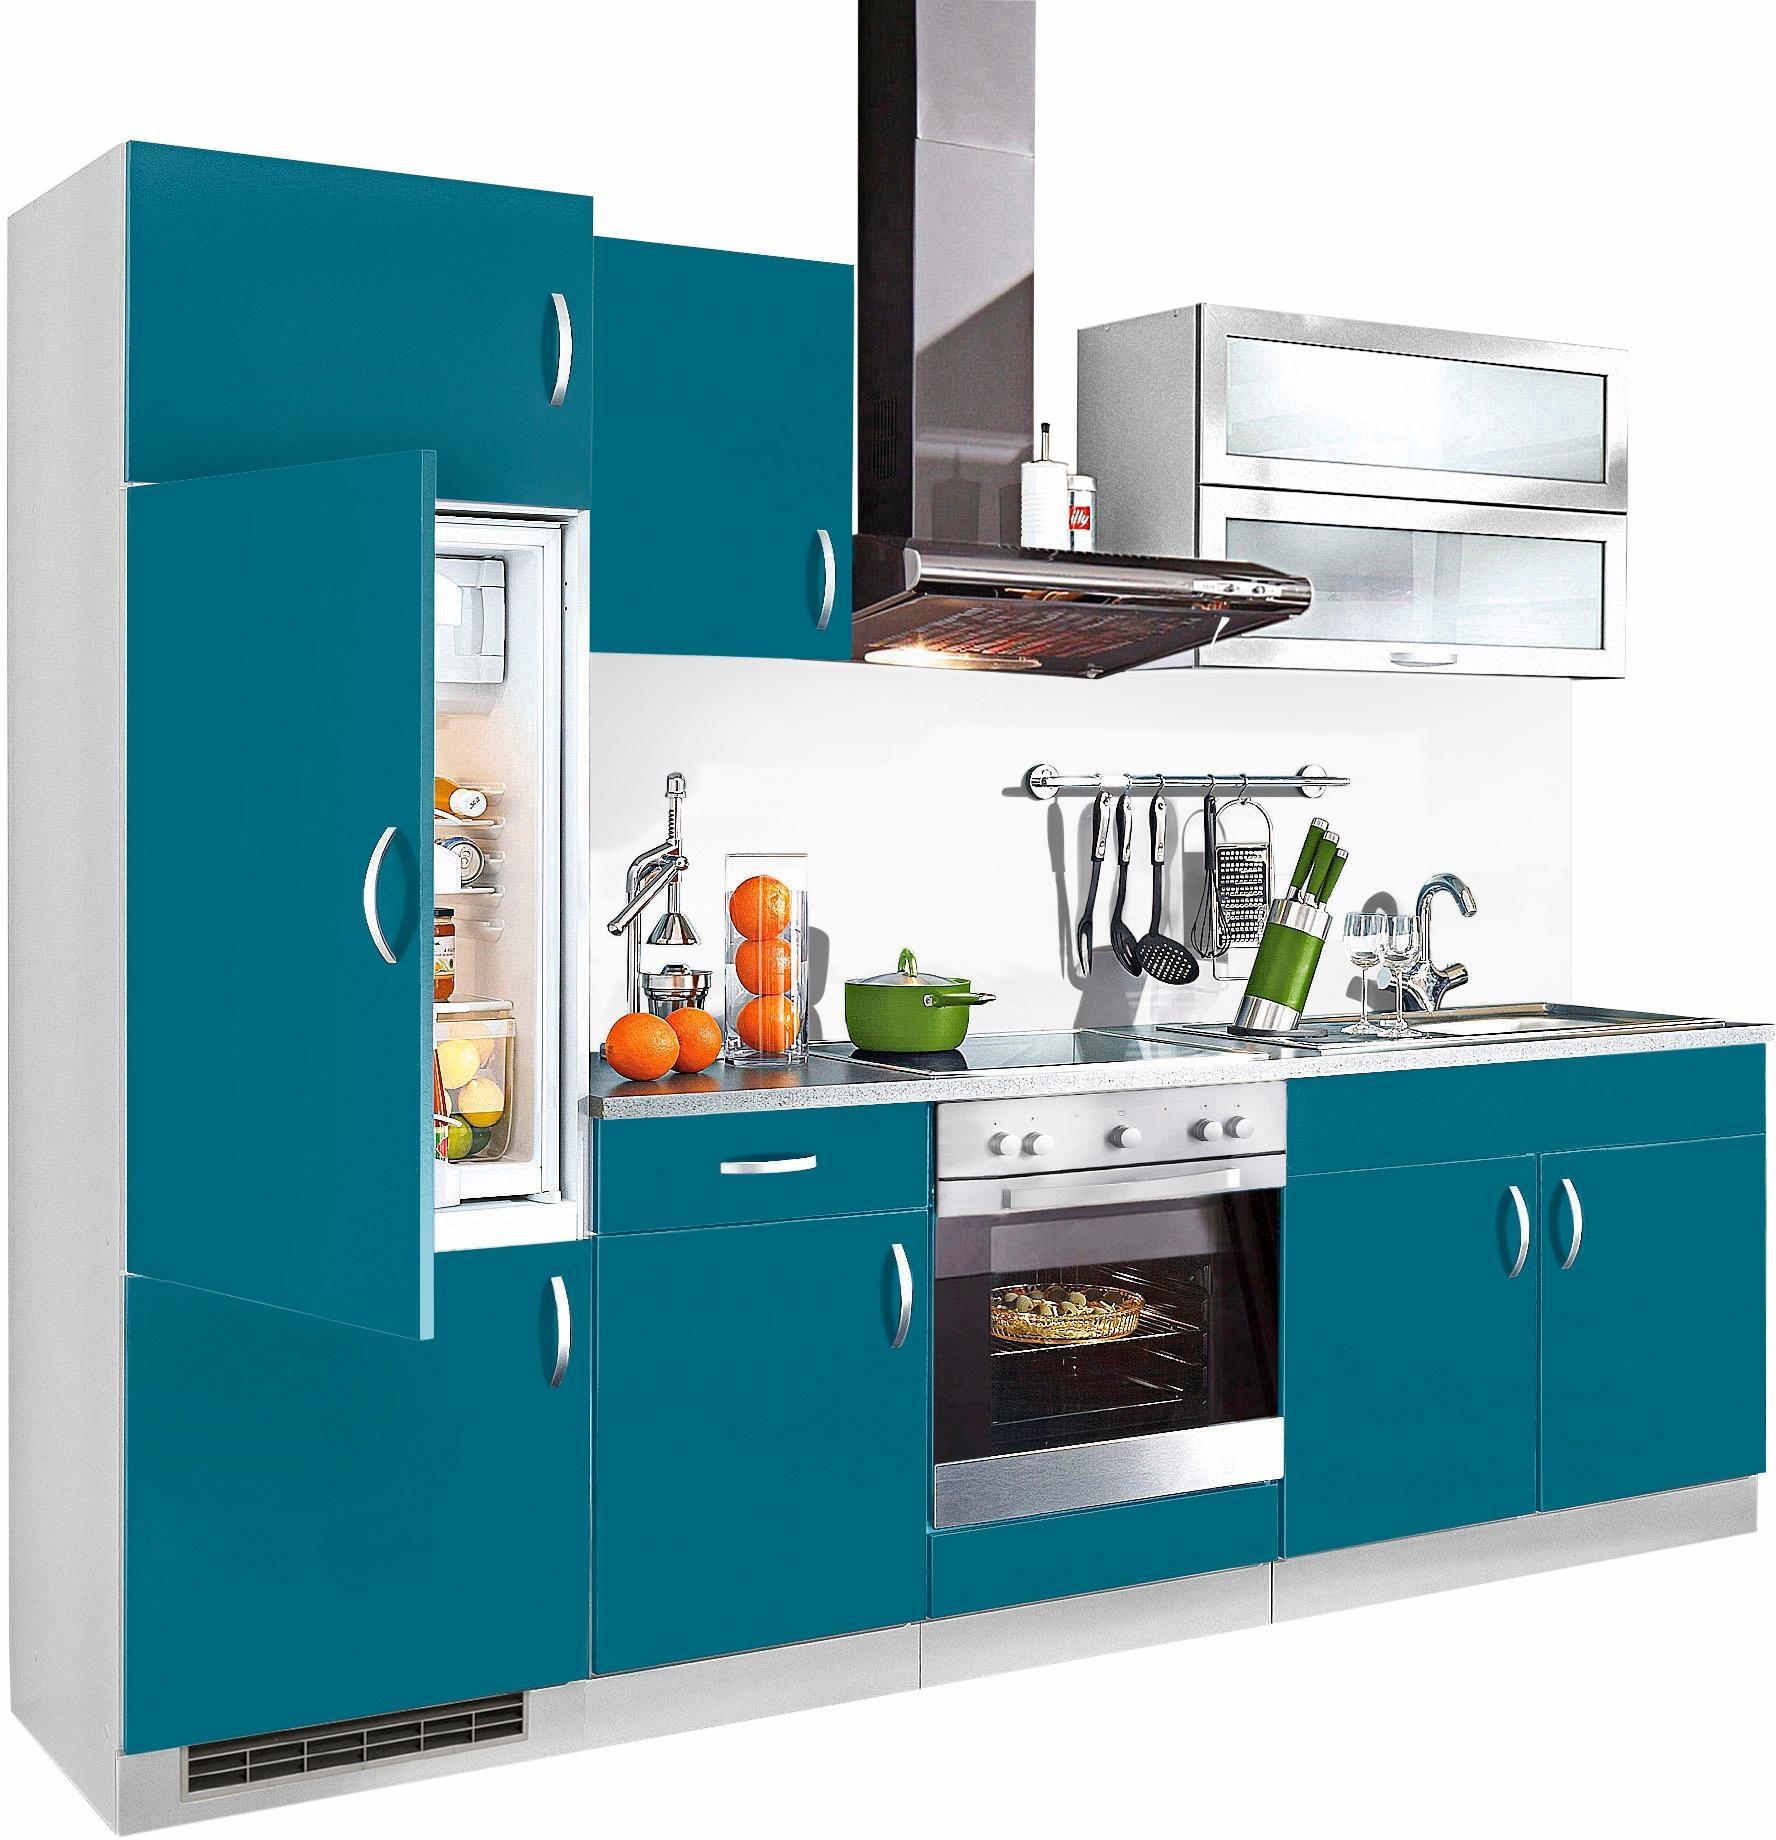 wiho Küchen Küchenzeile Amrum | Küche und Esszimmer > Küchen > Küchenzeilen | Blau | Wiho Küchen